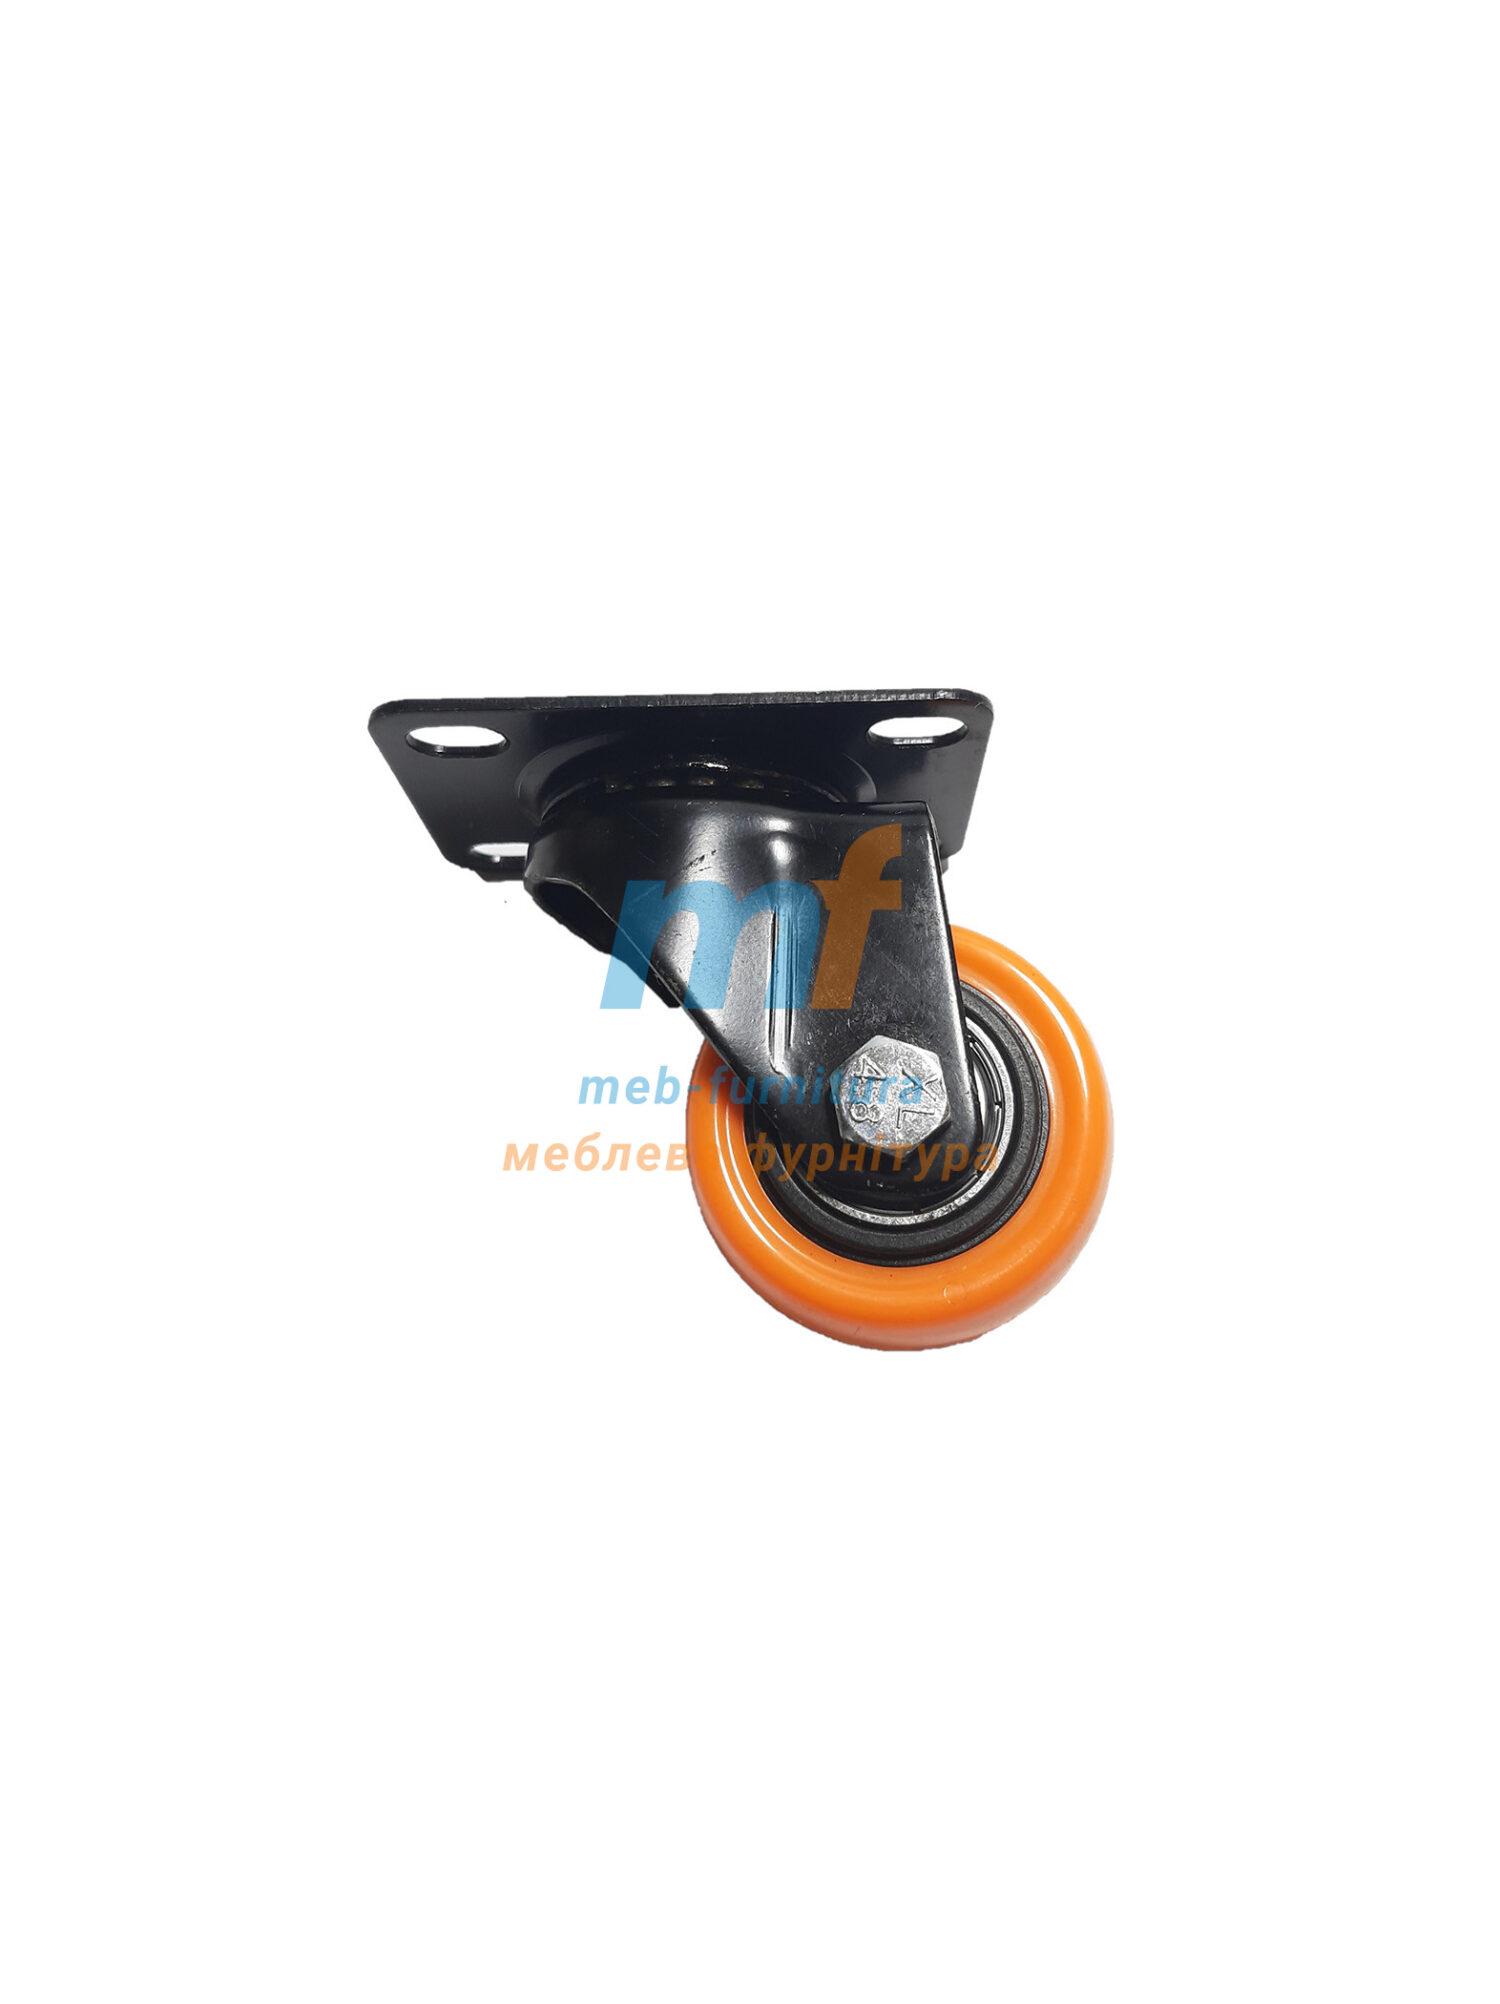 Колесо резина на платформе 40мм (3-001)